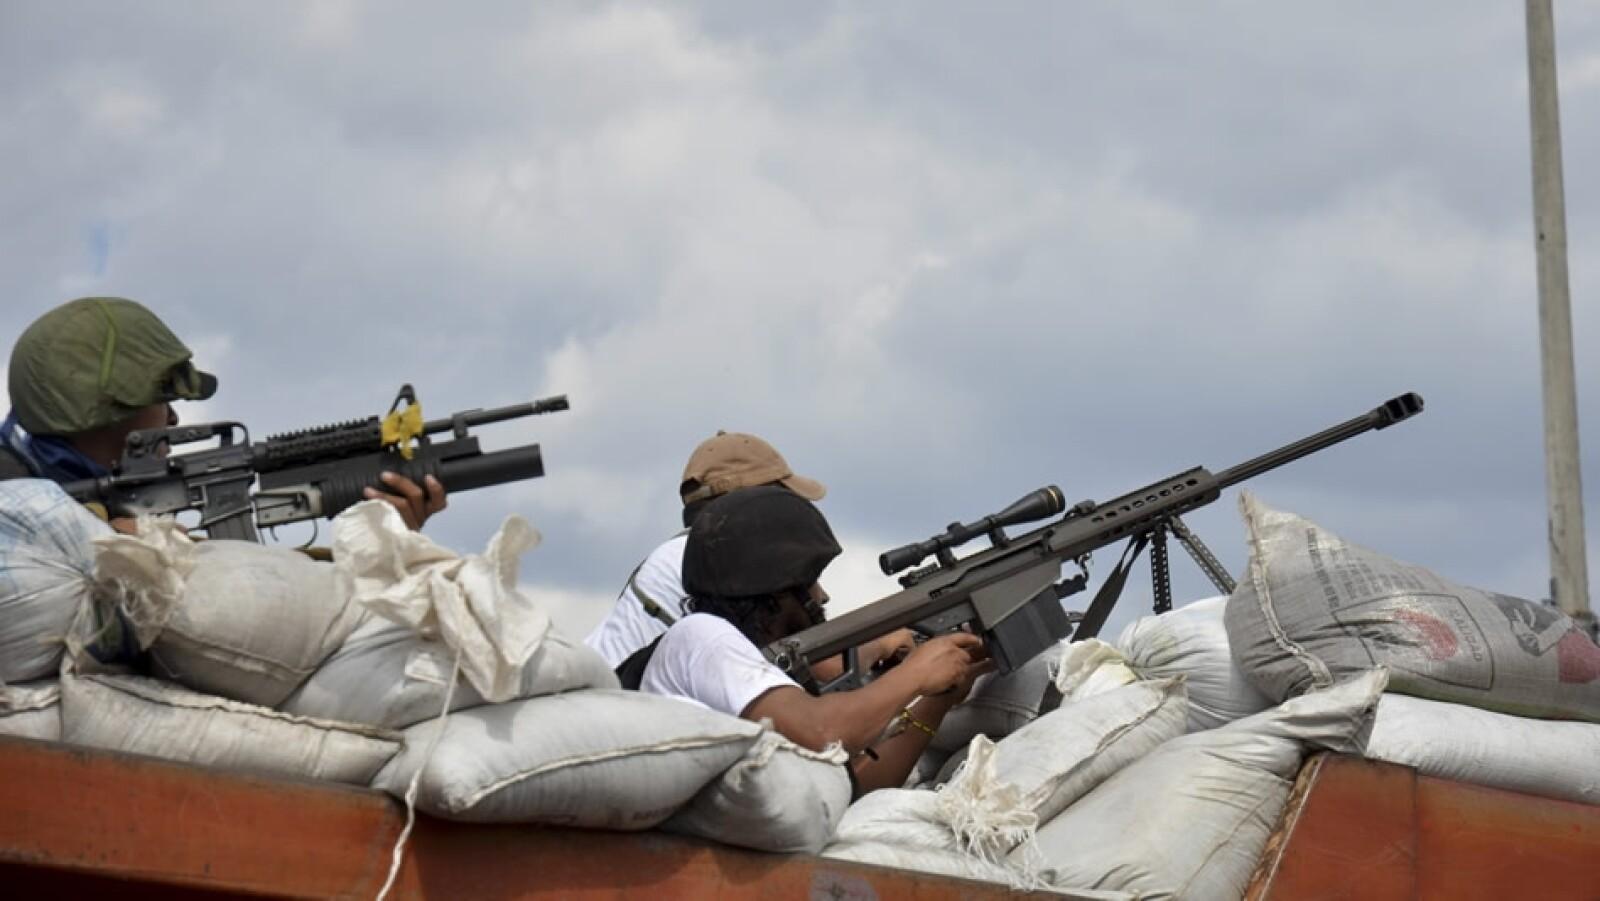 Arsenal de las autodefensas en Michoacan